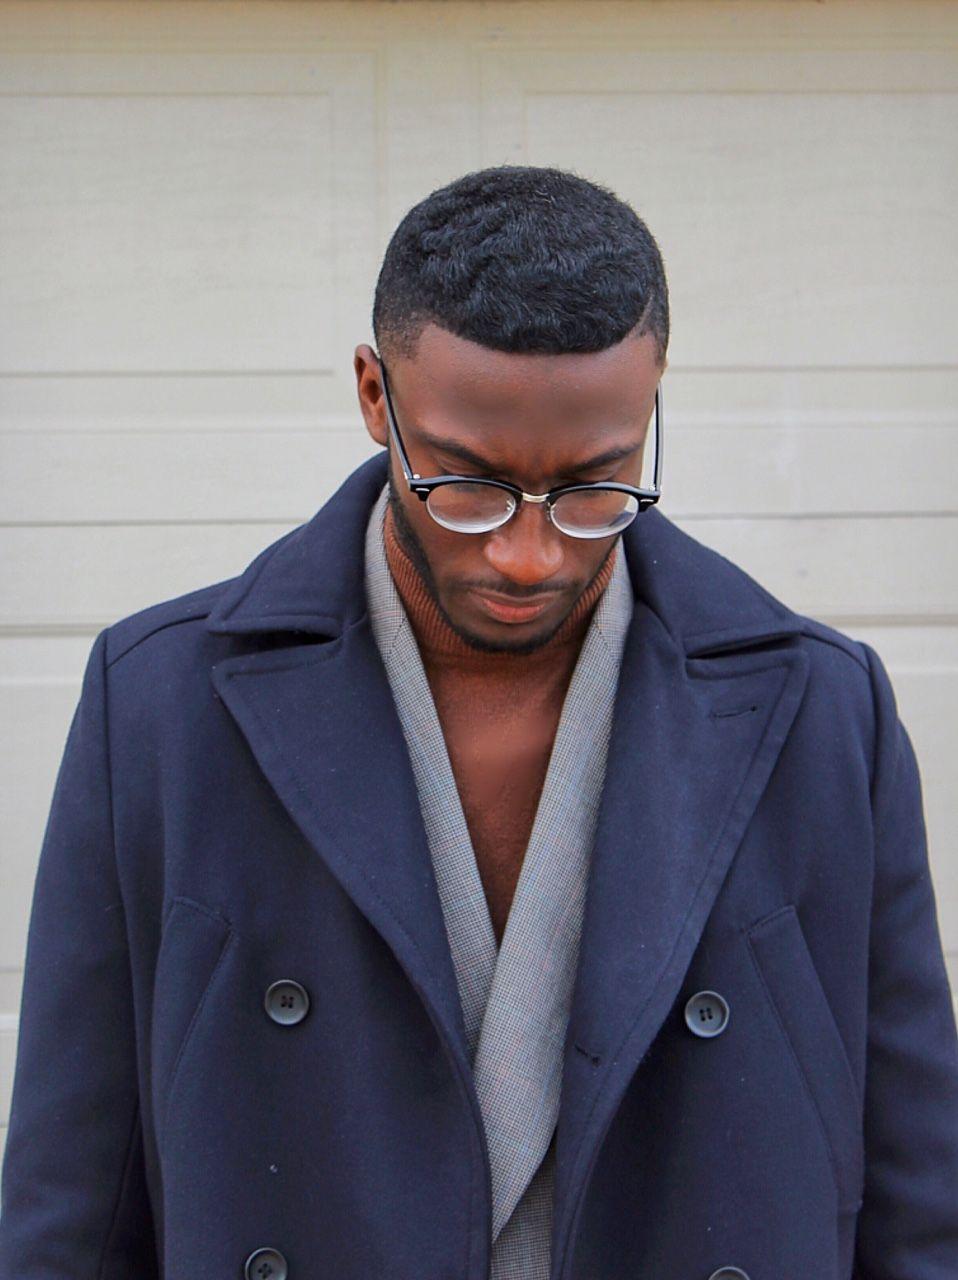 BLACK FASHION - Darius J. Beckham  IG: KingDarius_B